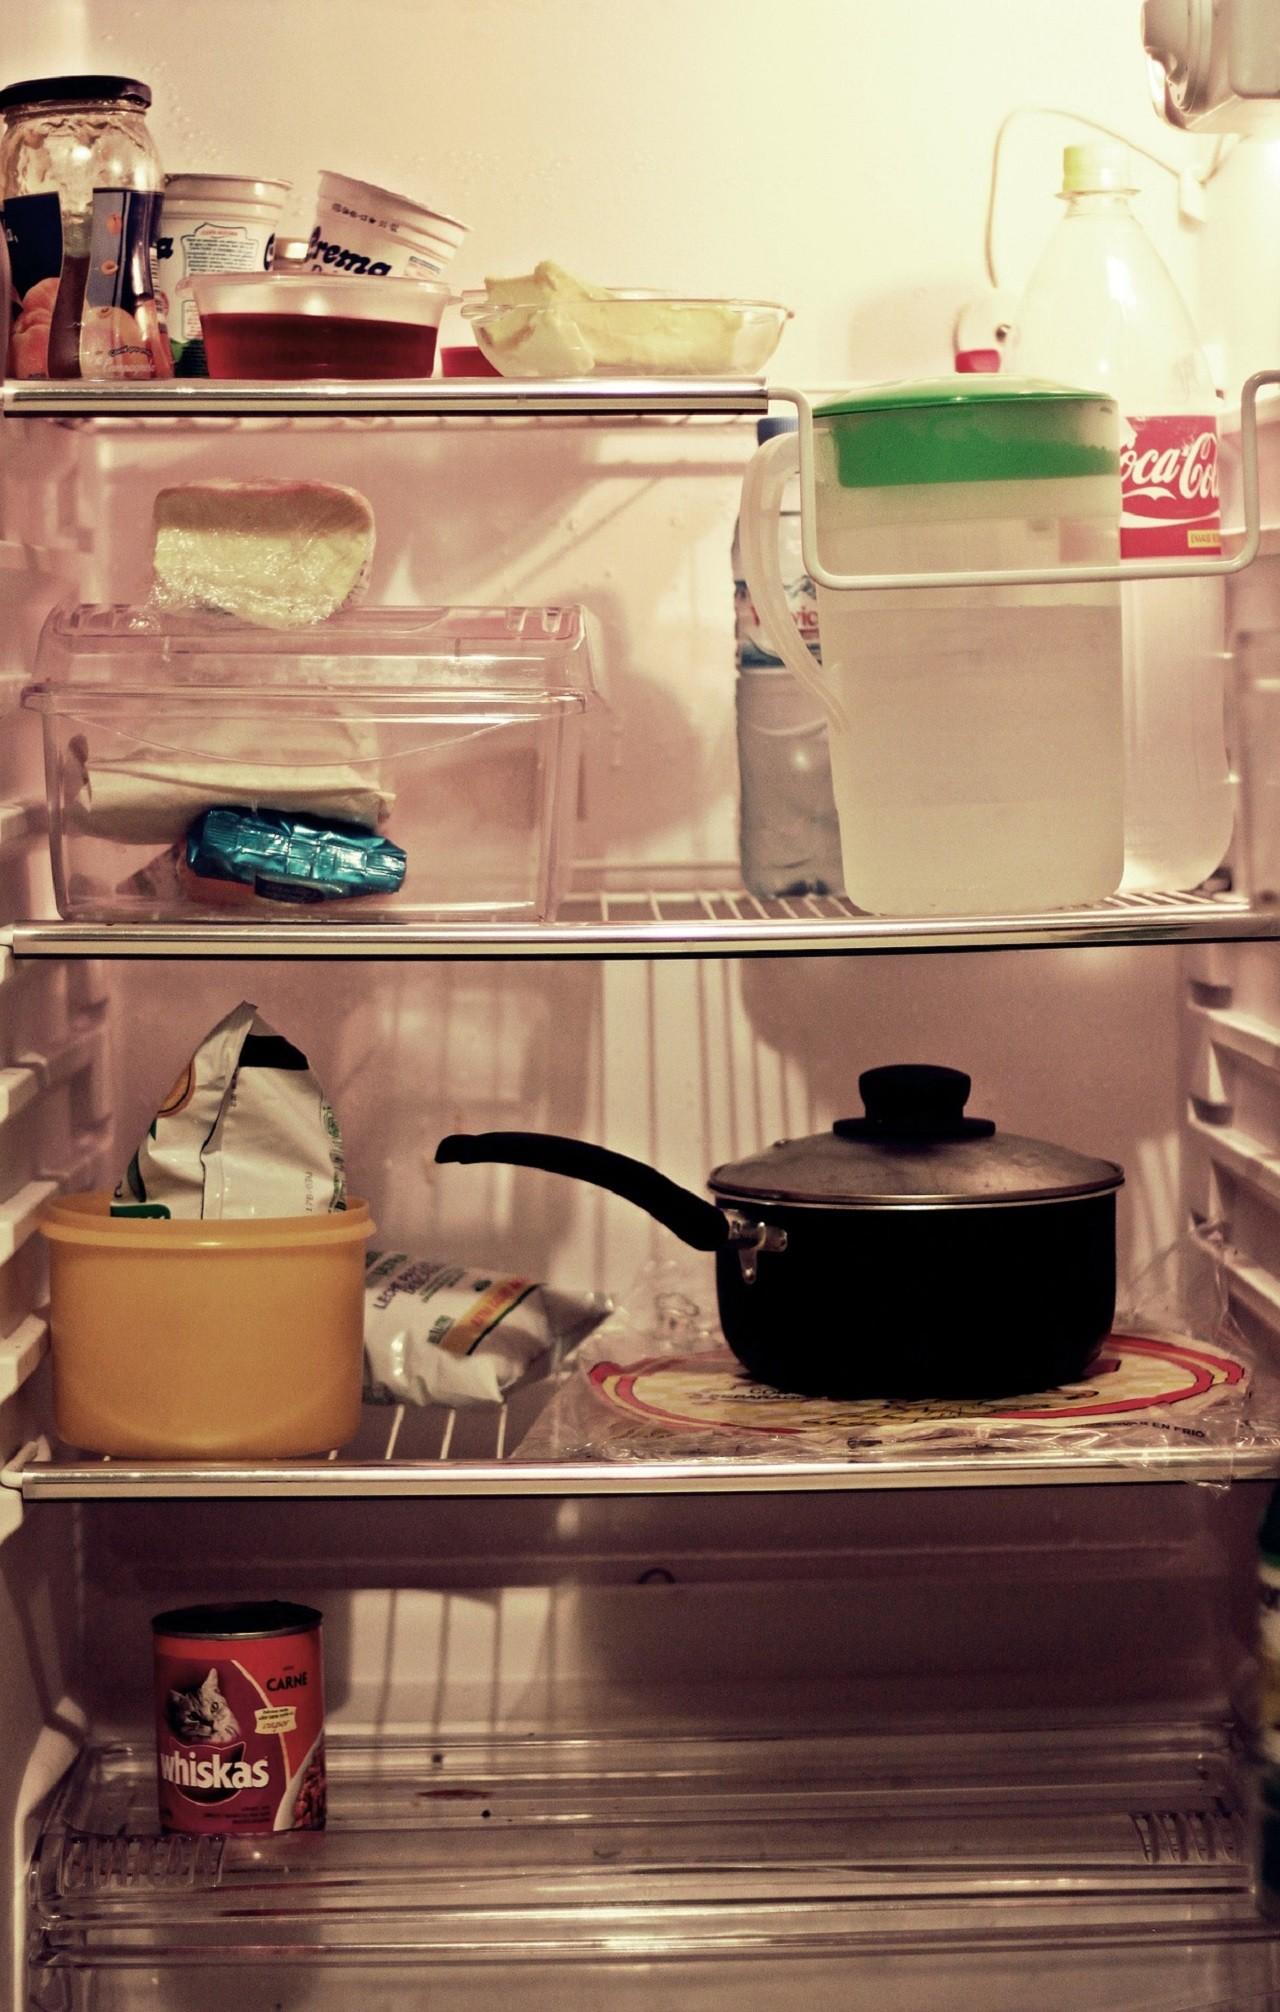 Absorber Kühlschränke gibt es in vielen unterschiedlichen Größen. Außerdem gibt es Varianten mit und ohne Eisfach.